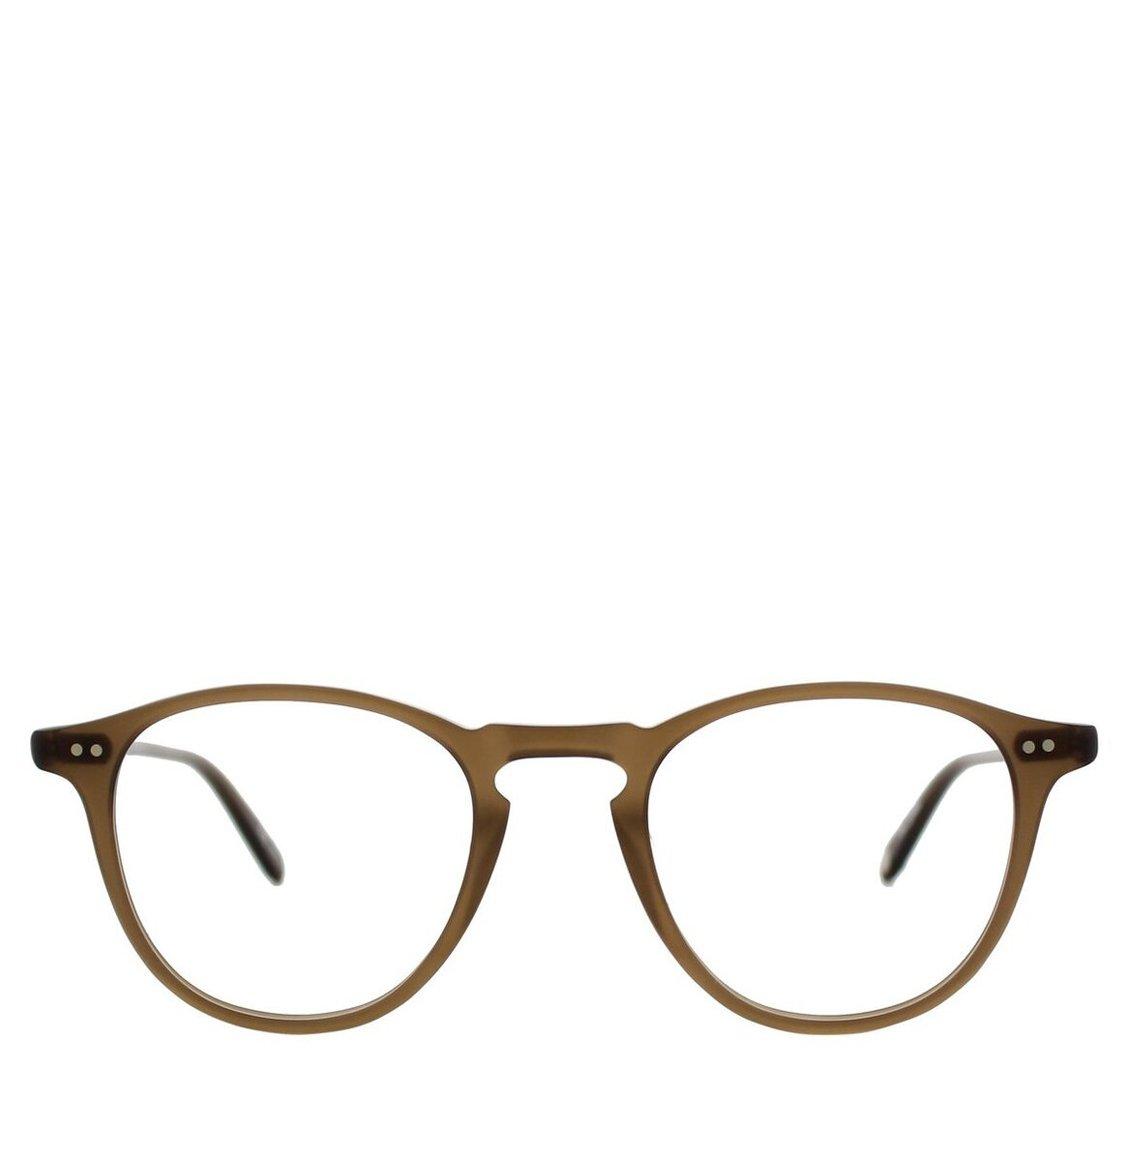 Garrett Leight Square Espresso Acetate Γυαλιά Οράσεως